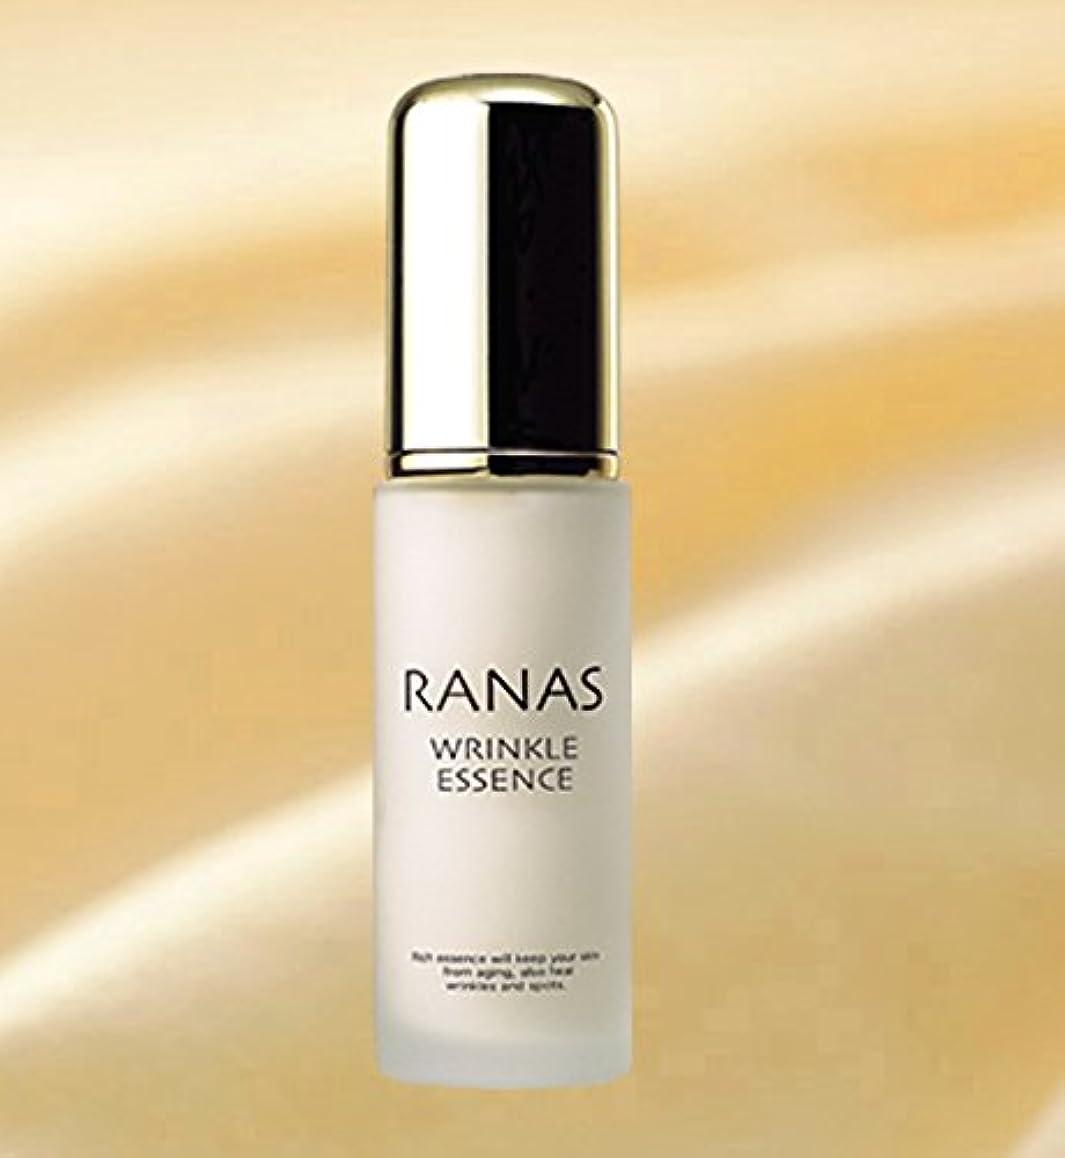 マンハッタン用心するレモンラナス スペシャル リンクルエッセンス (30ml) Ranas Special Wrinkle Essence (Beauty Essence)